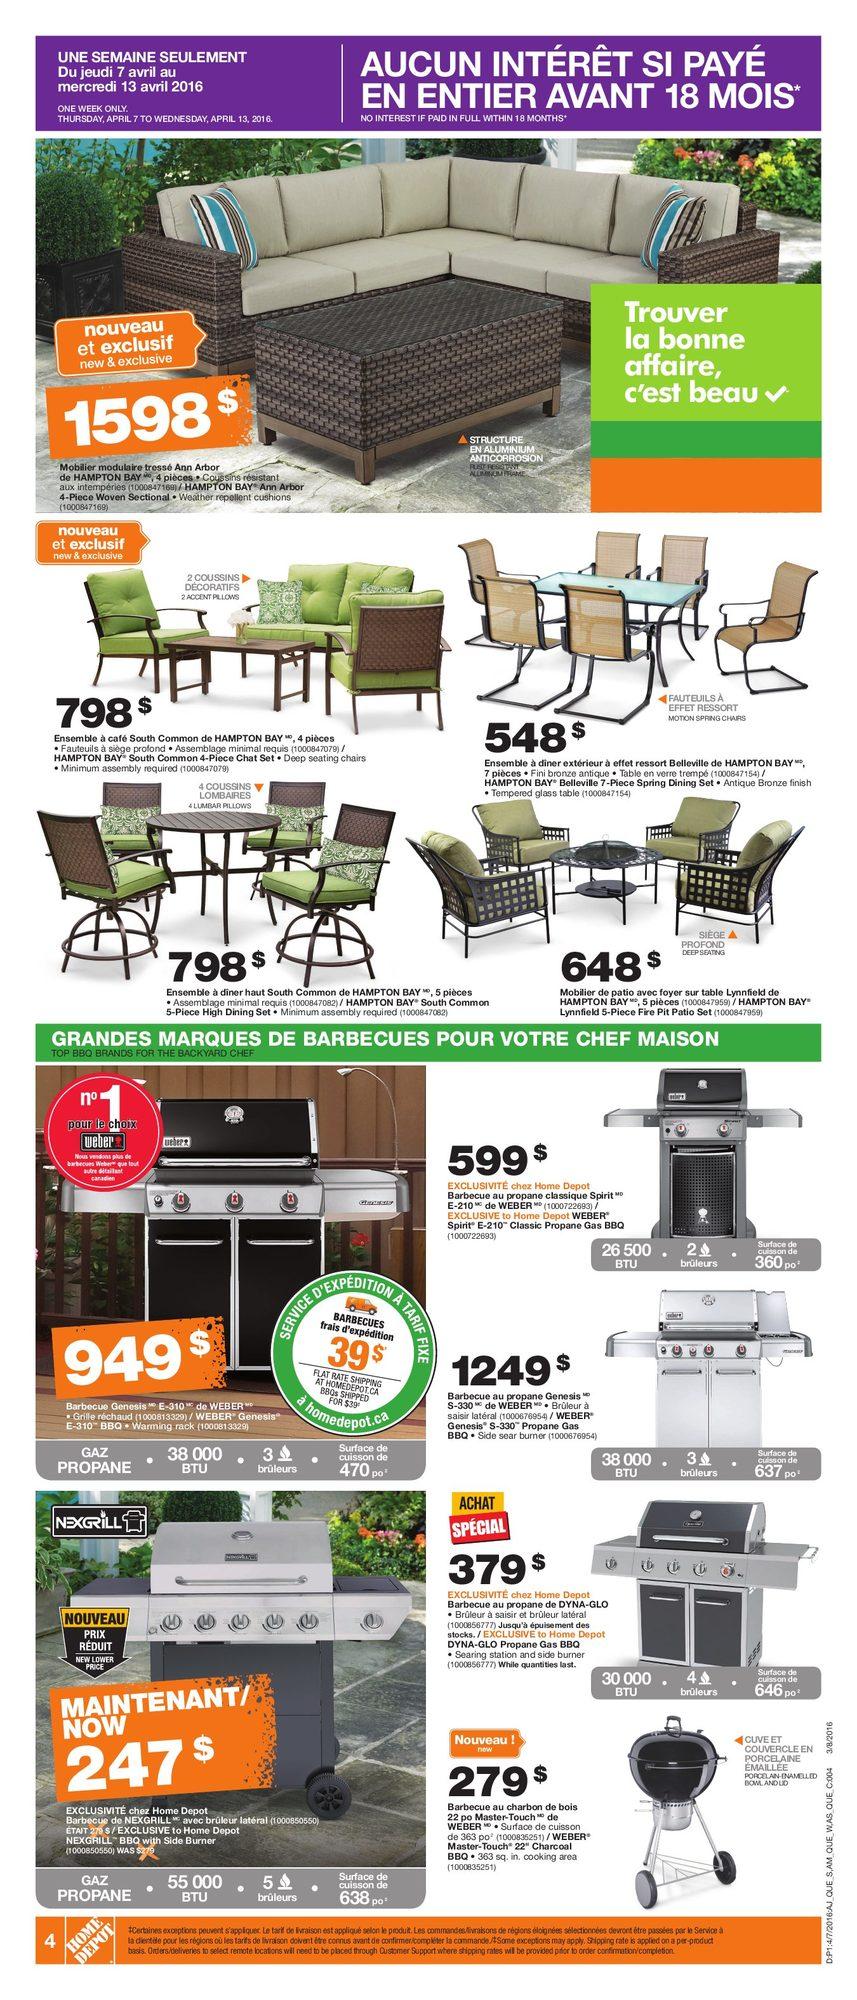 v nement vendredi fou du printemps home depot 7 avril 2016 pj shopwise. Black Bedroom Furniture Sets. Home Design Ideas